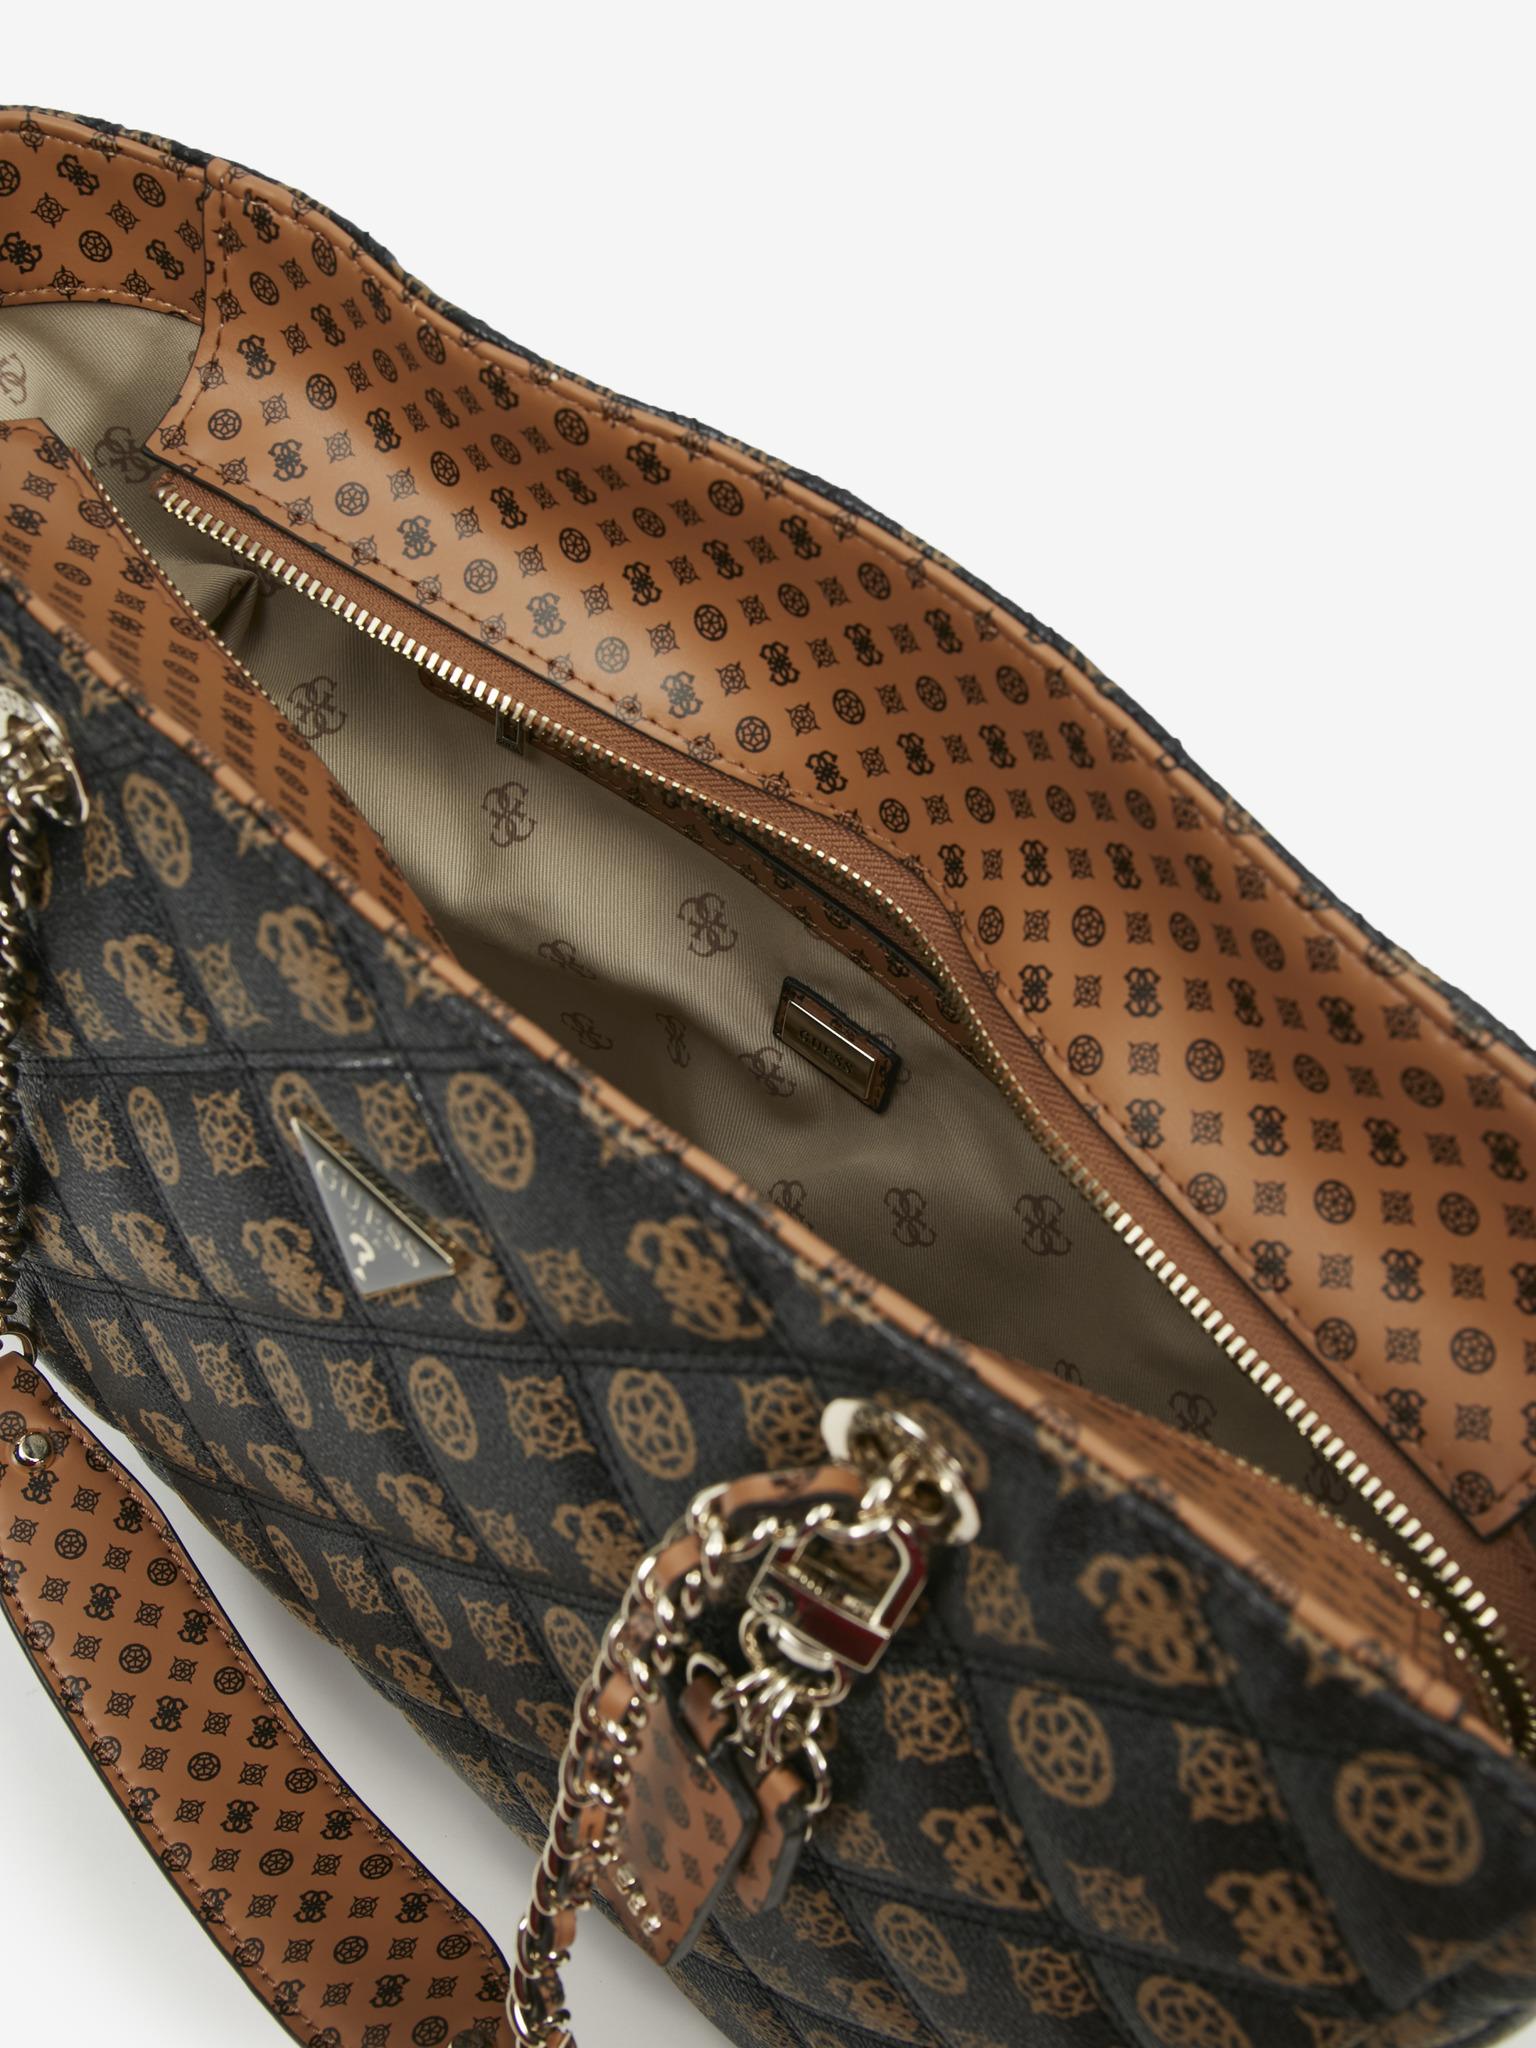 Guess brown handbag Cessily